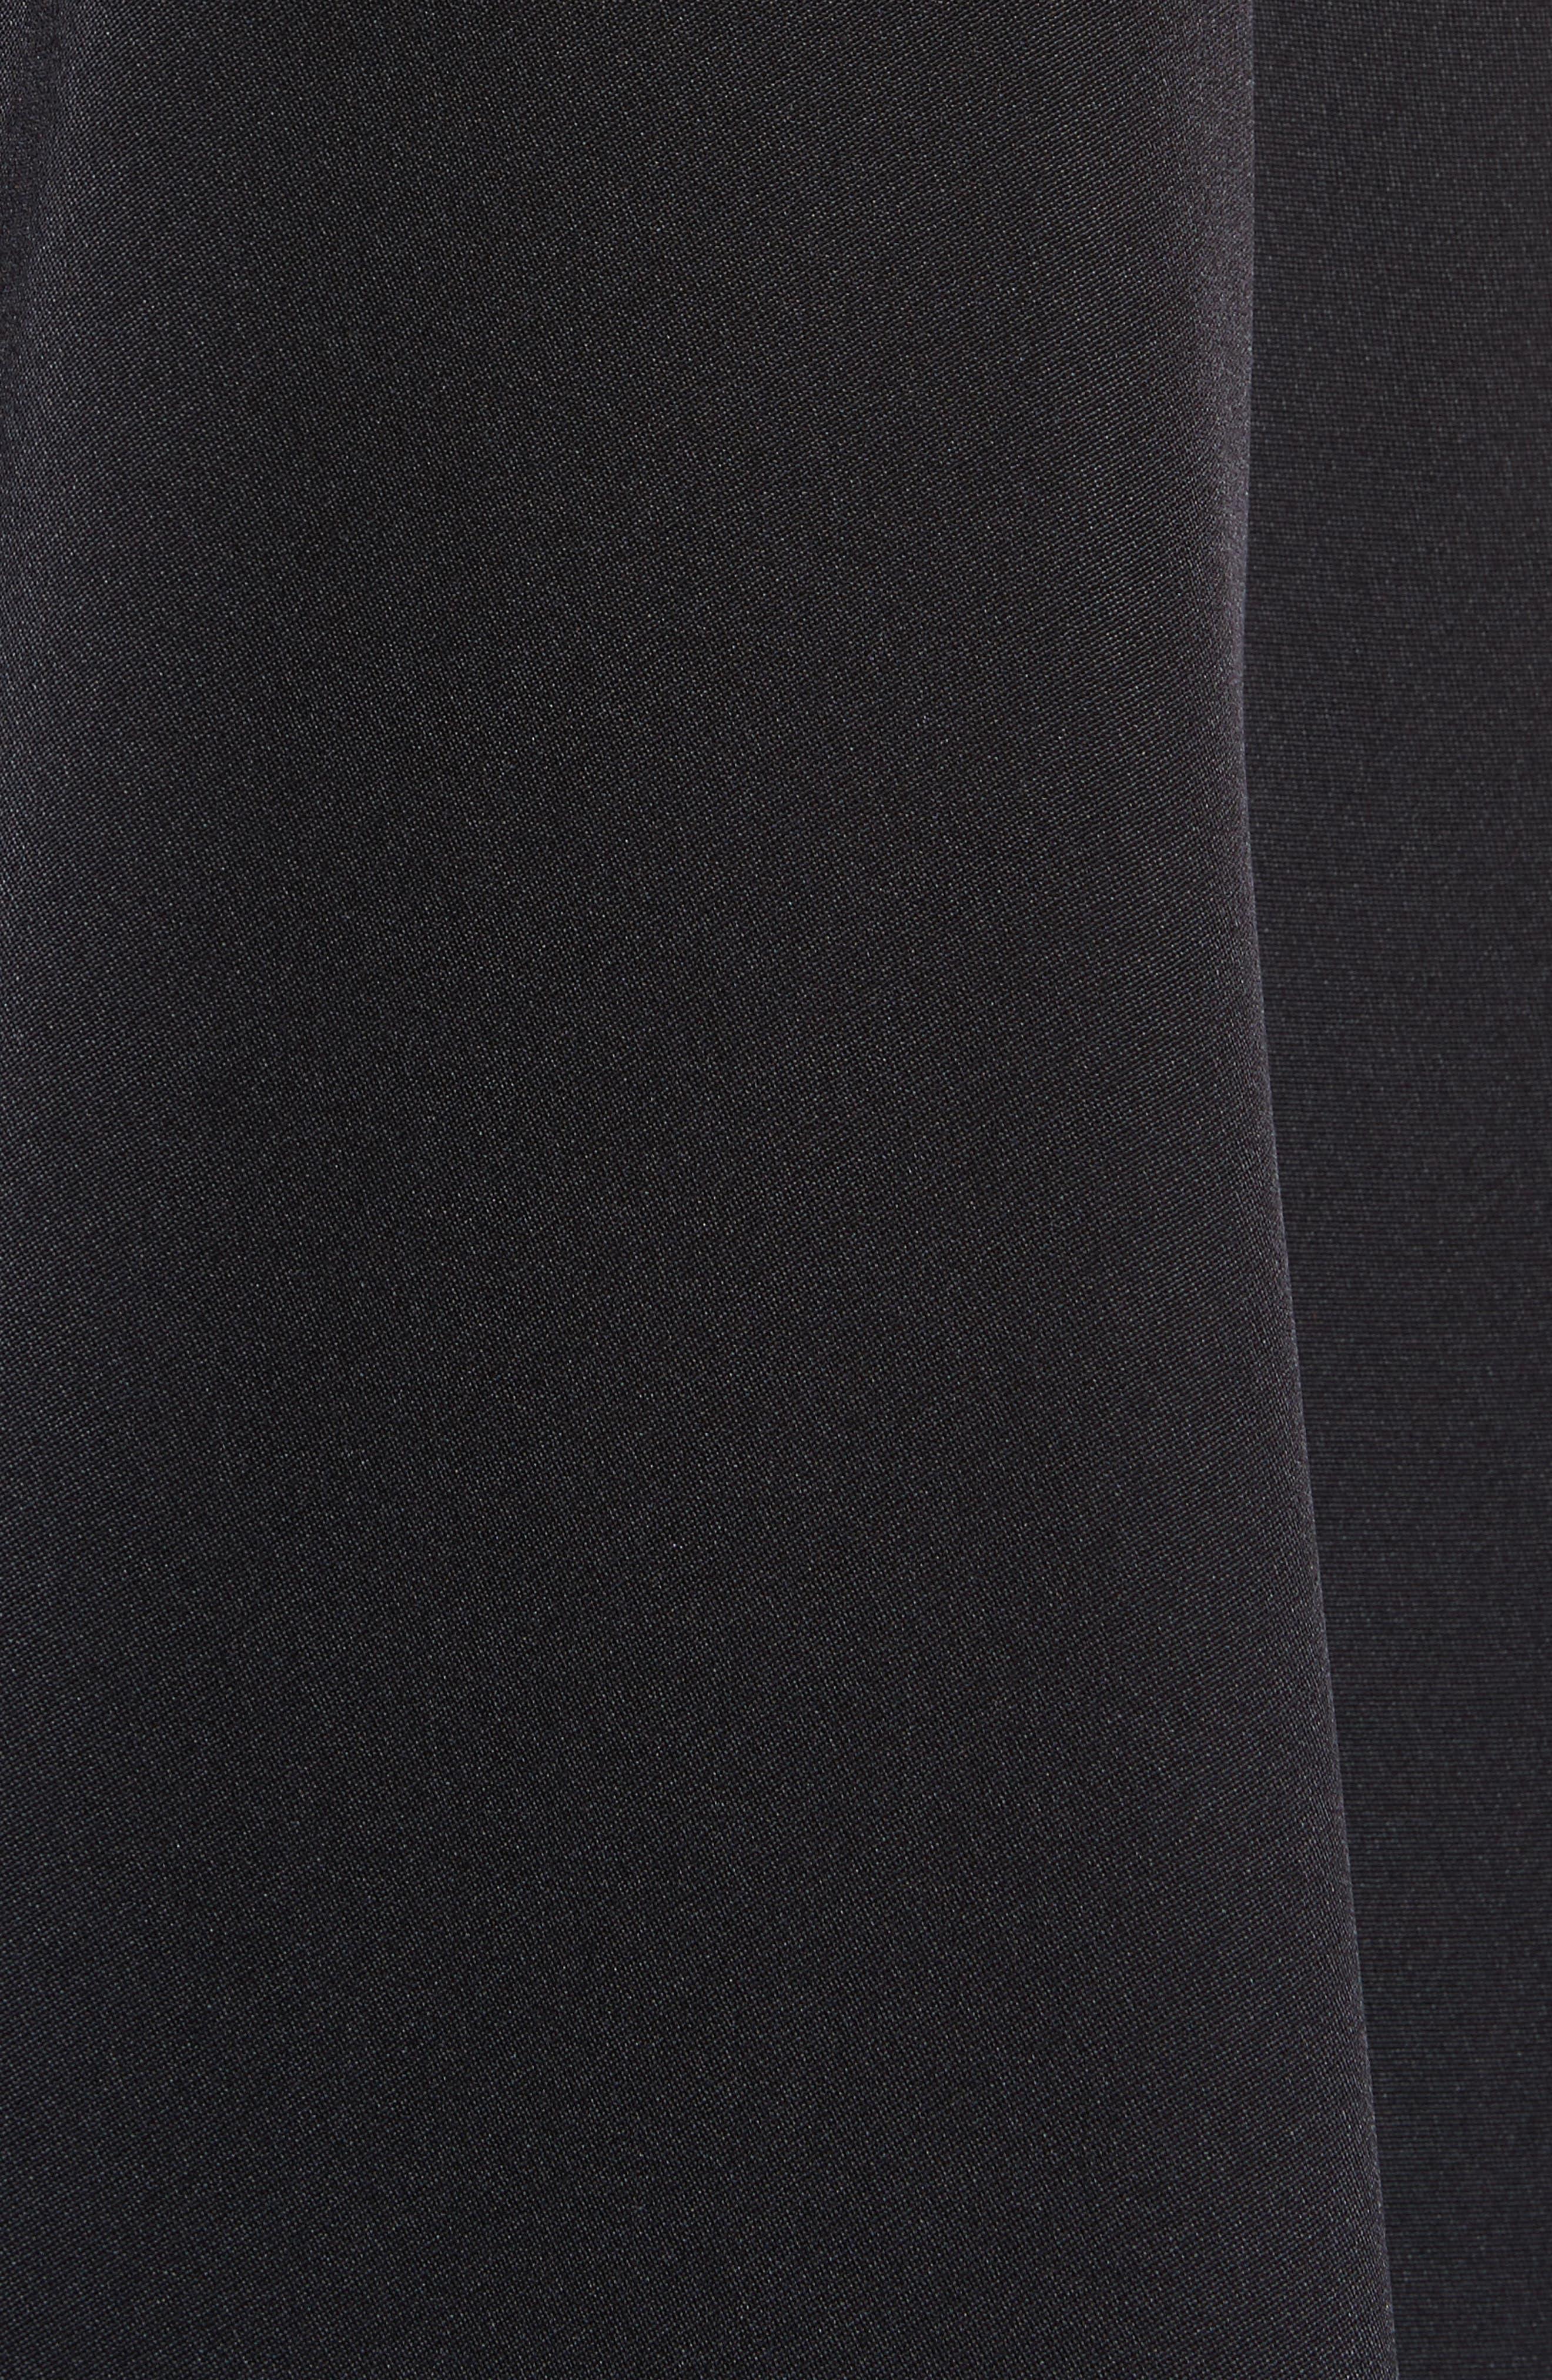 Fringe Trim Satin Crepe Asymmetrical Jumpsuit,                             Alternate thumbnail 5, color,                             001